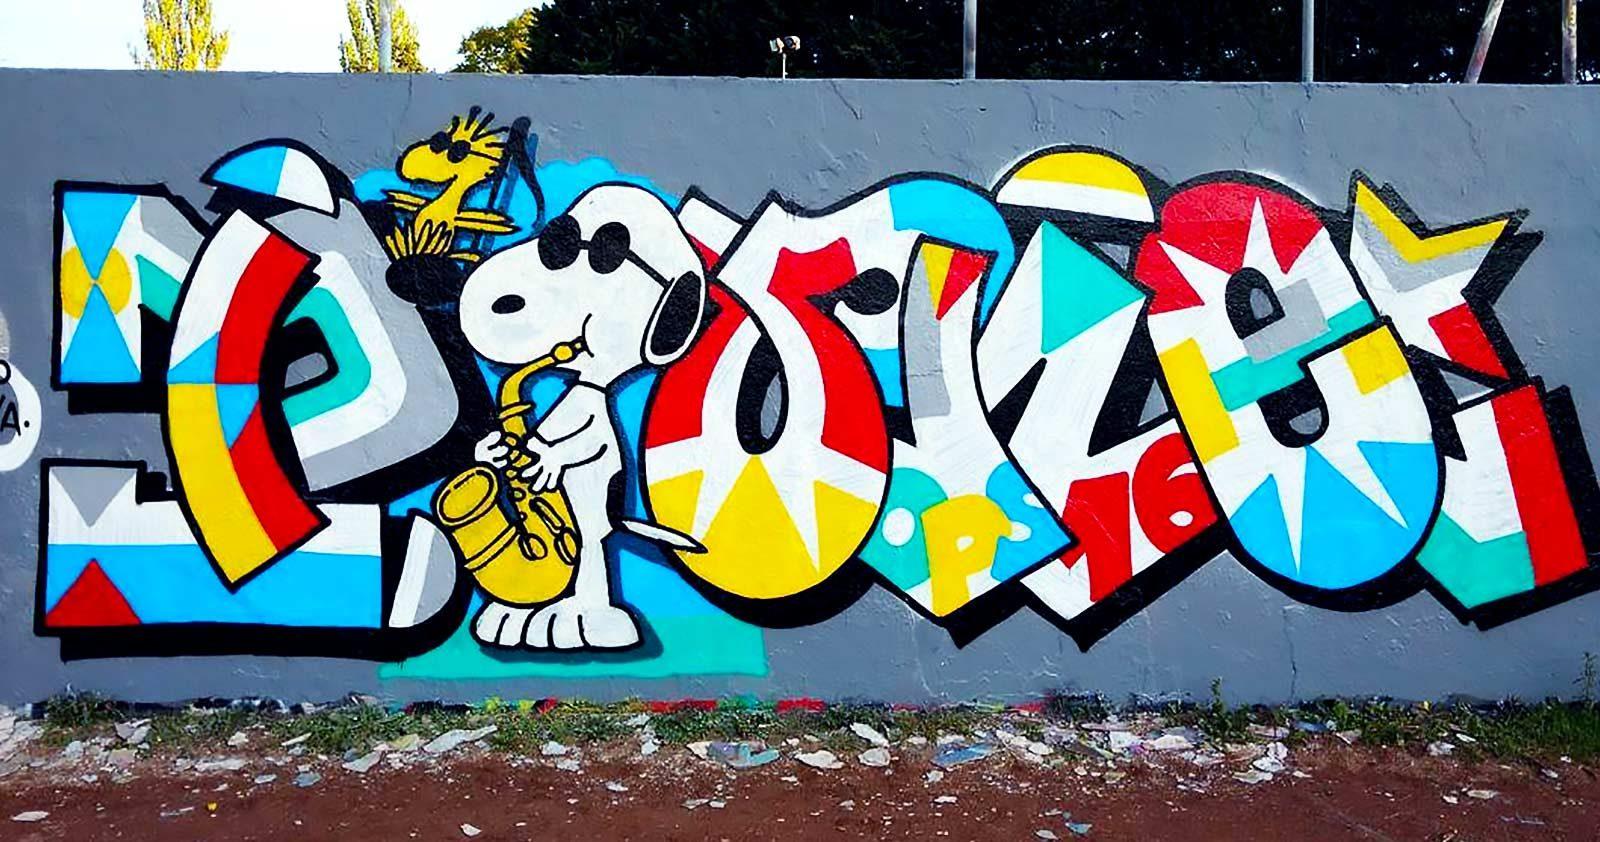 Image graffiti